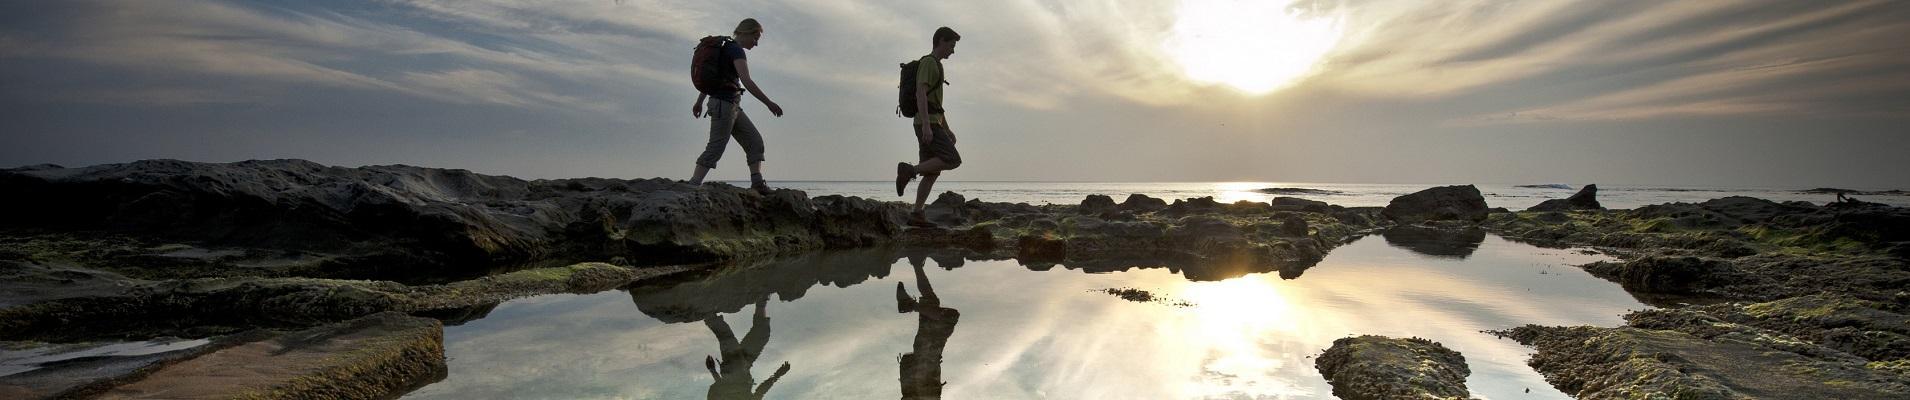 Ville in Sicilia per escursioni e passeggiate